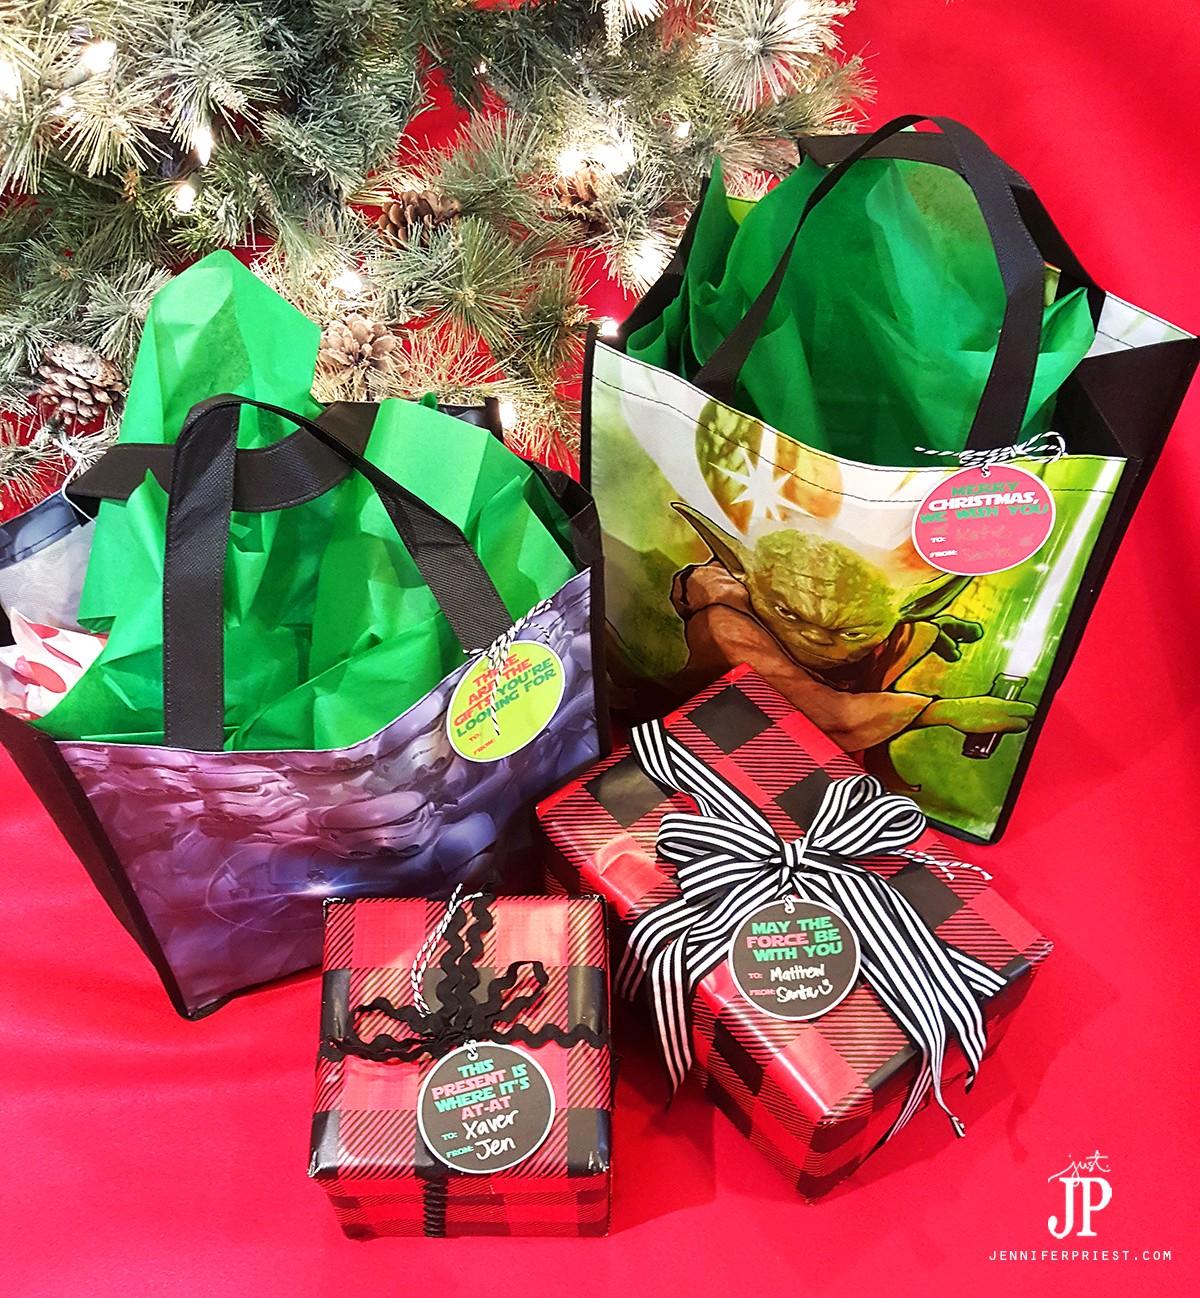 Star-Wars-Gift-Tags-Christmas-Printable-Jpriest